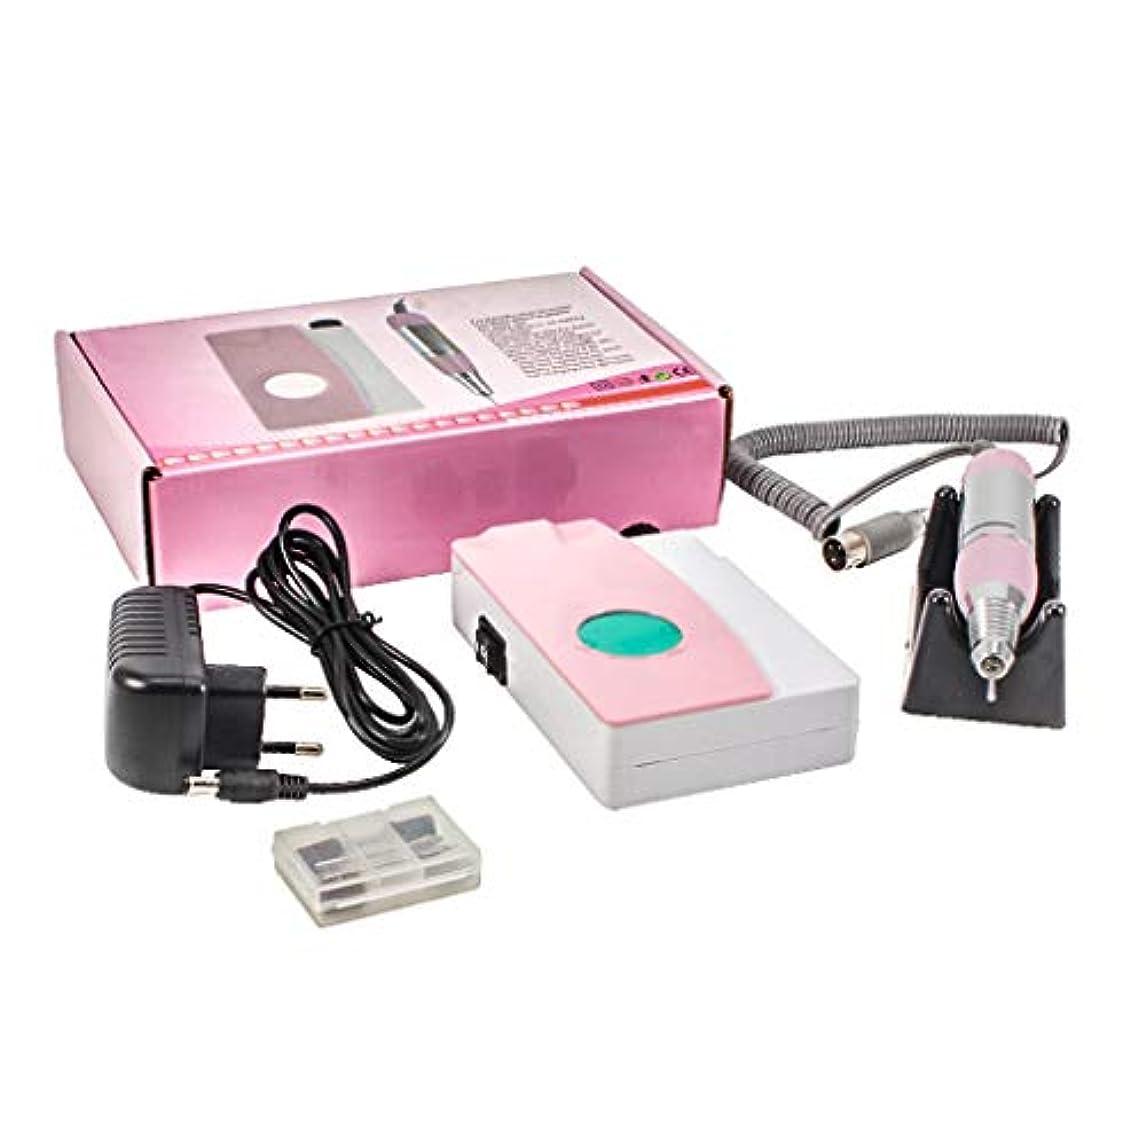 レバー引退する鼓舞する電気ネイルファイルドリルマシン、ディスプレイスクリーン、ポータブルコードレス12Vのドリルビット付き充電式研磨機、プロ用または家庭用ネイルアート機器25000 RPM